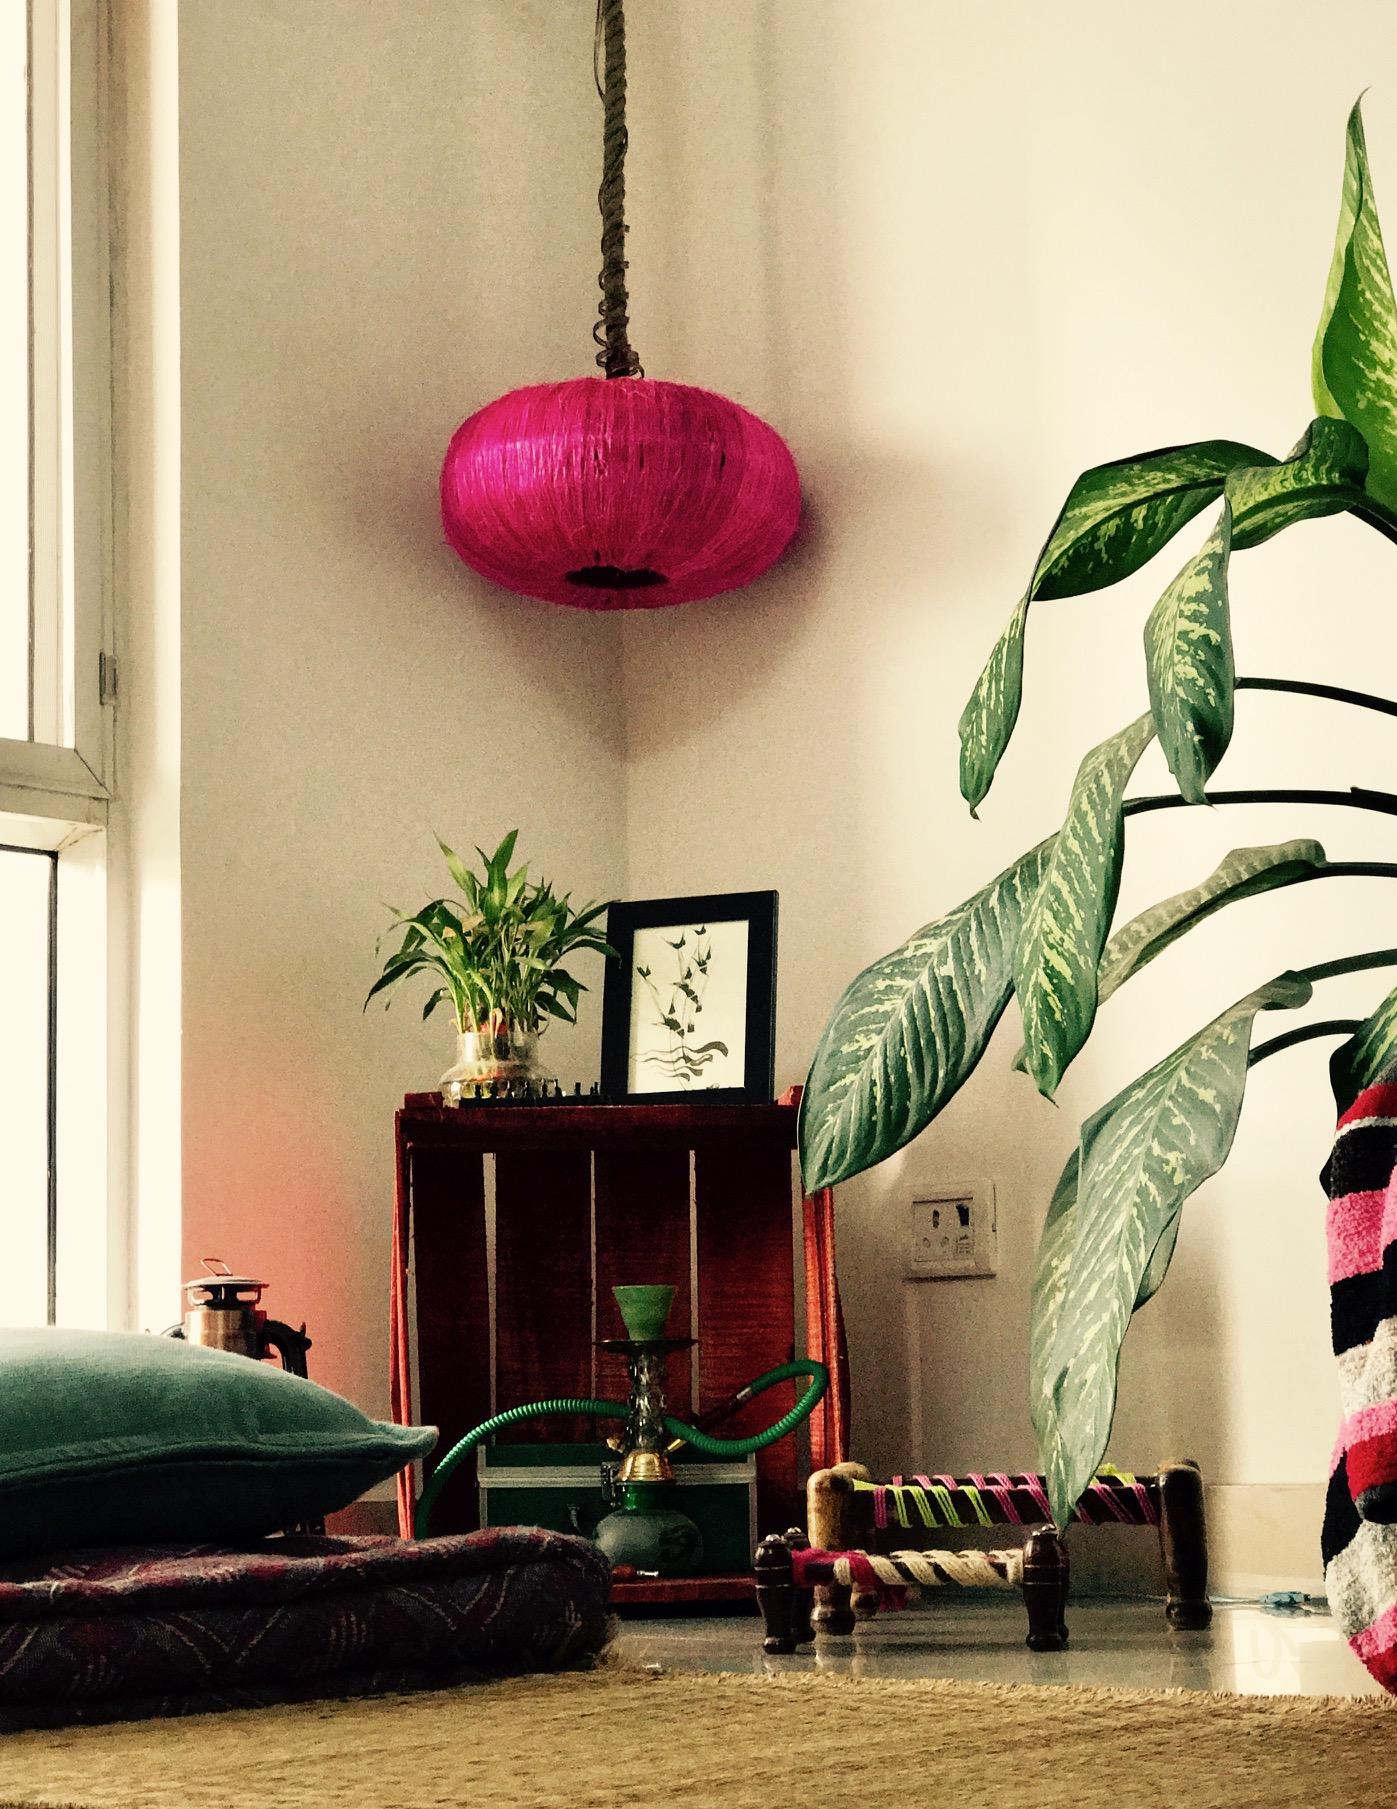 Pink Sisal spherical hanging lamp